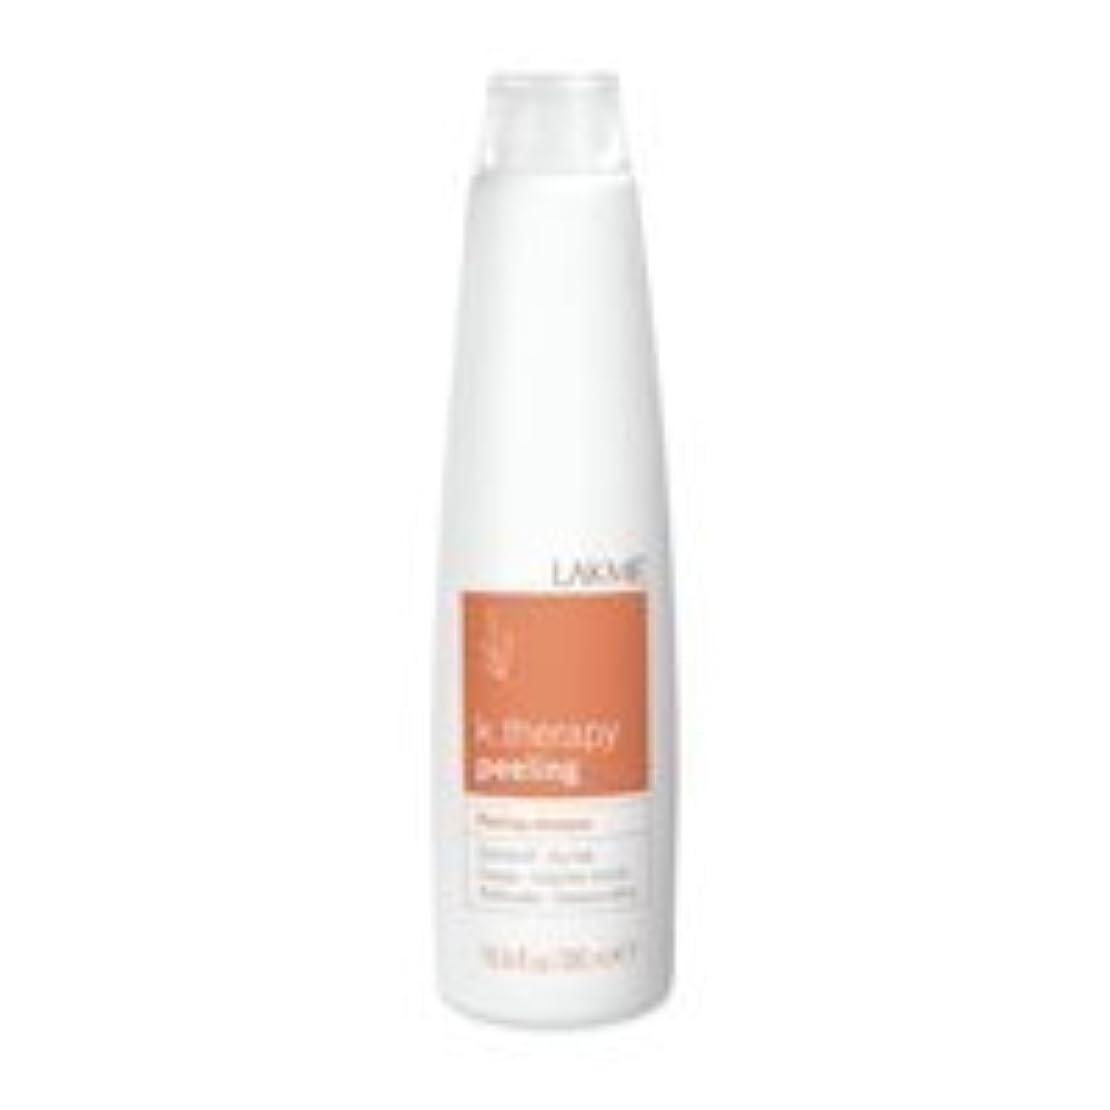 不愉快にソーシャル曖昧なLakme K.Therapy Peeling Shampoo Dry Hair 10.6 oz by Lakme [並行輸入品]